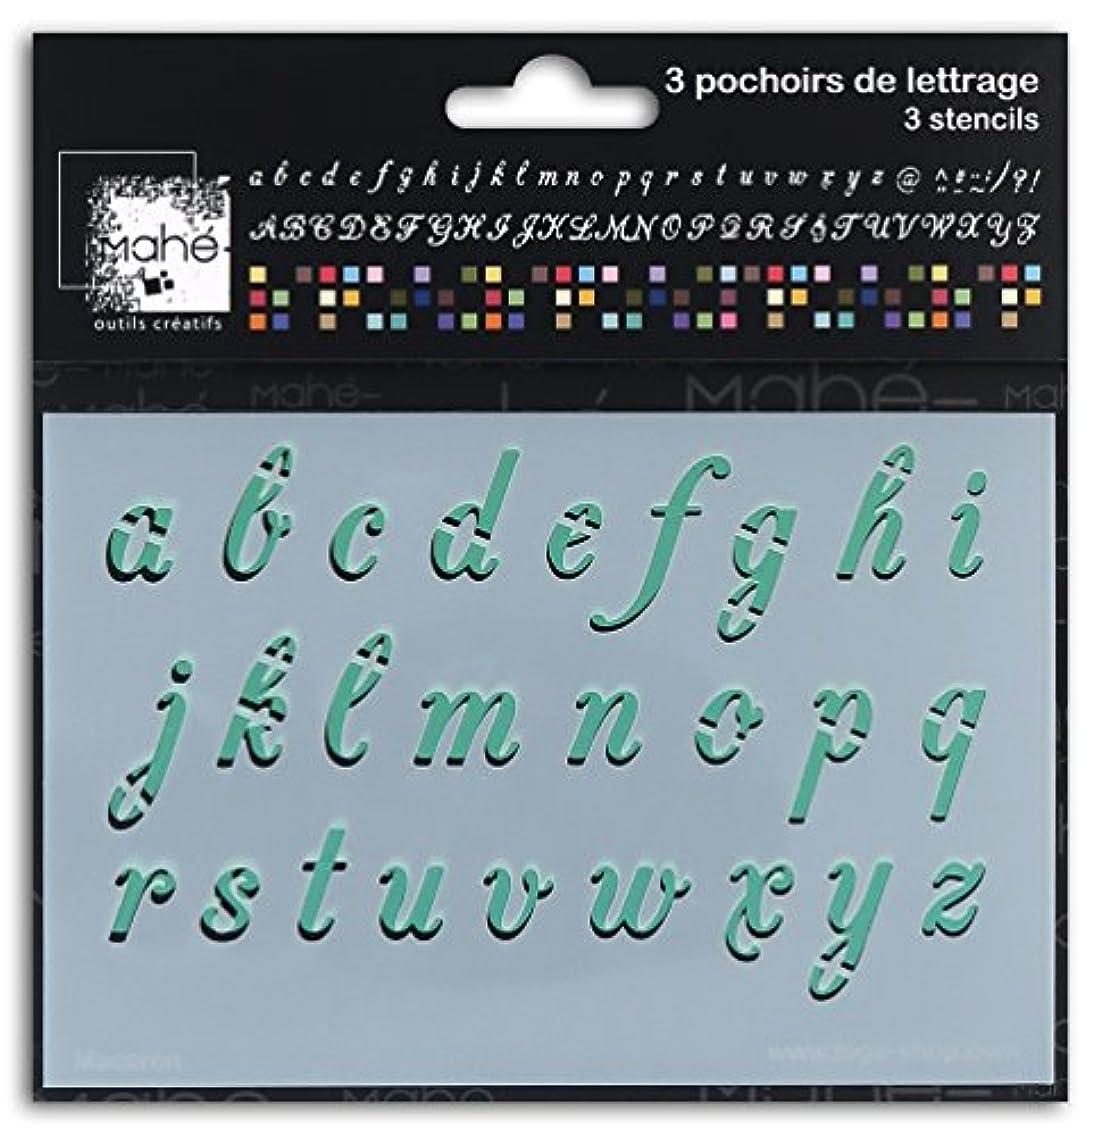 Mahé LE21?Stencil Alphabet Wooden 15?x 30?x 0.1?cm Plastic Transparent